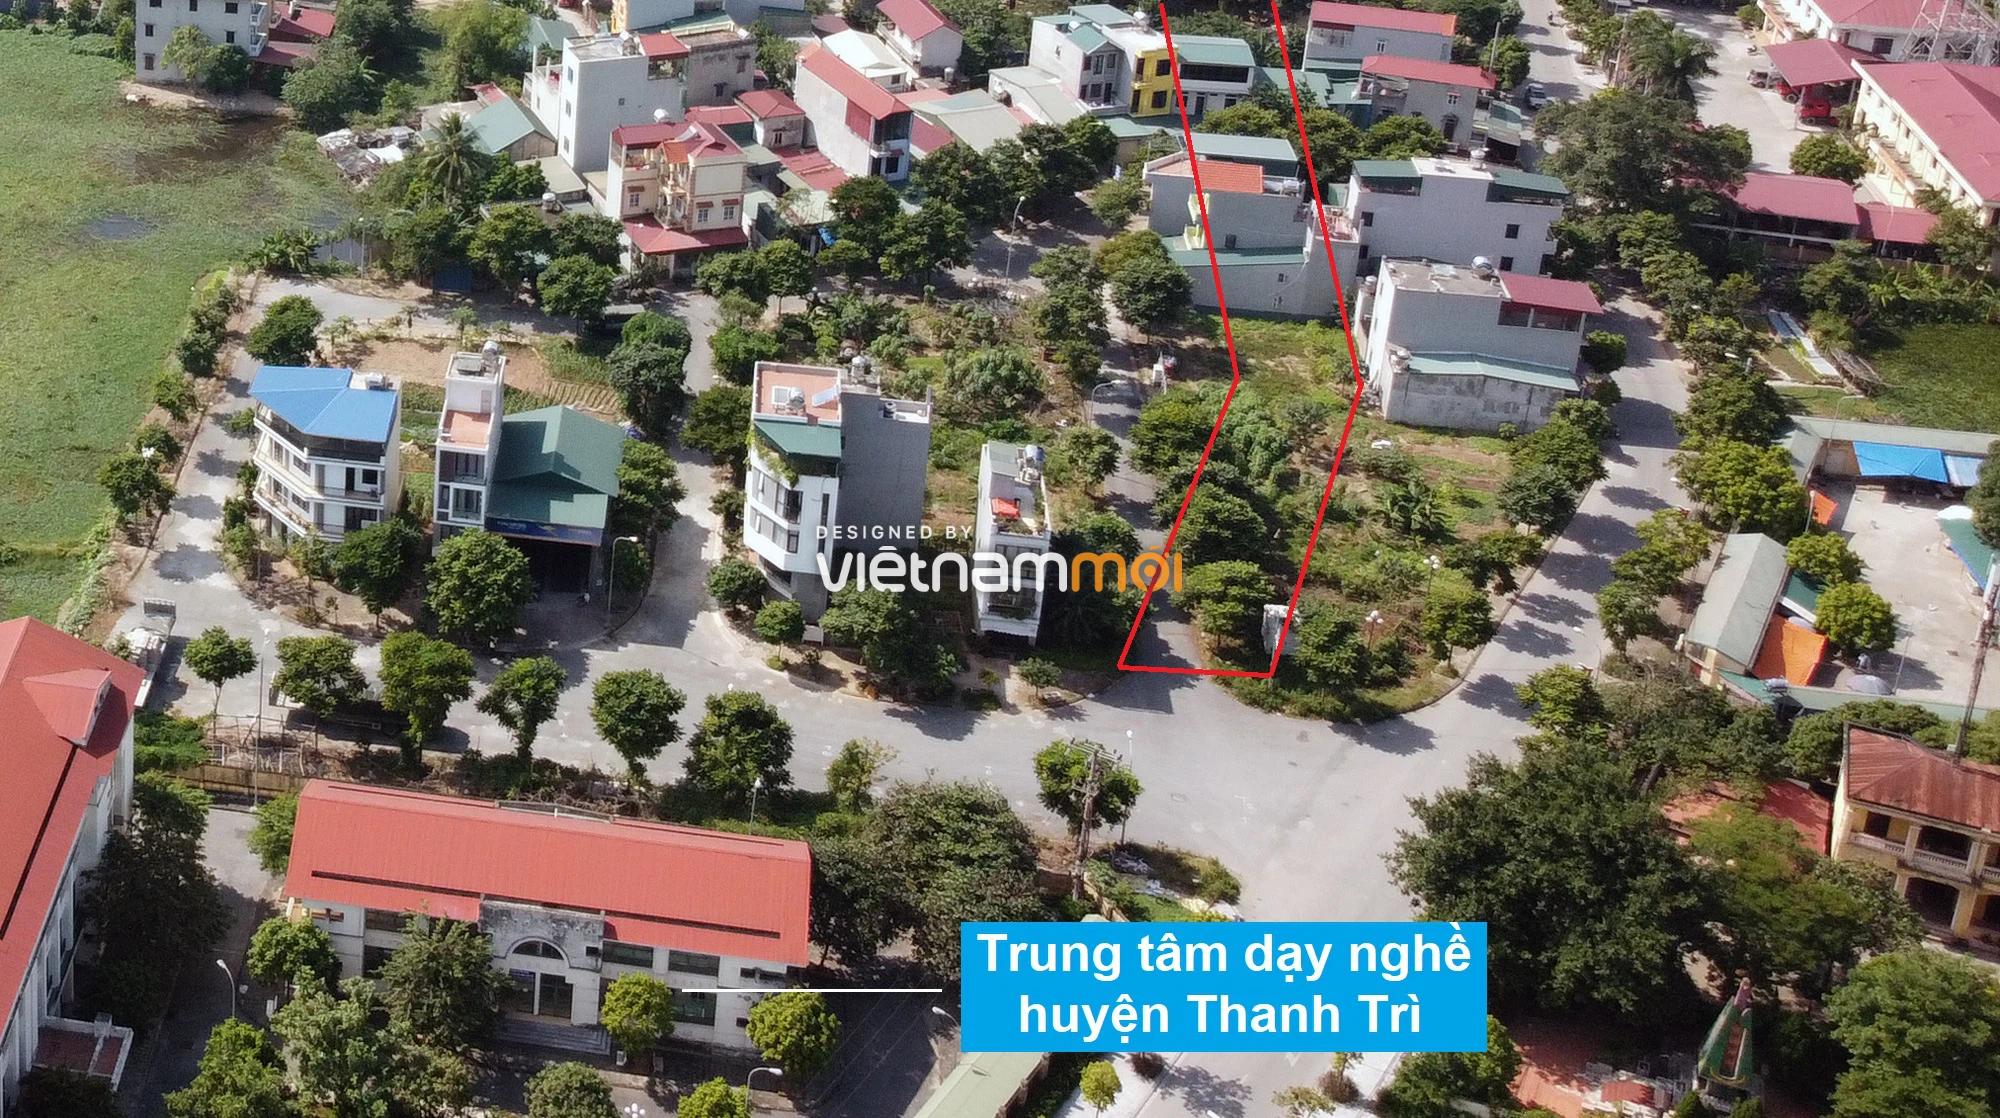 Những khu đất sắp thu hồi để mở đường ở xã Liên Ninh, Thanh Trì, Hà Nội (phần 1) - Ảnh 10.